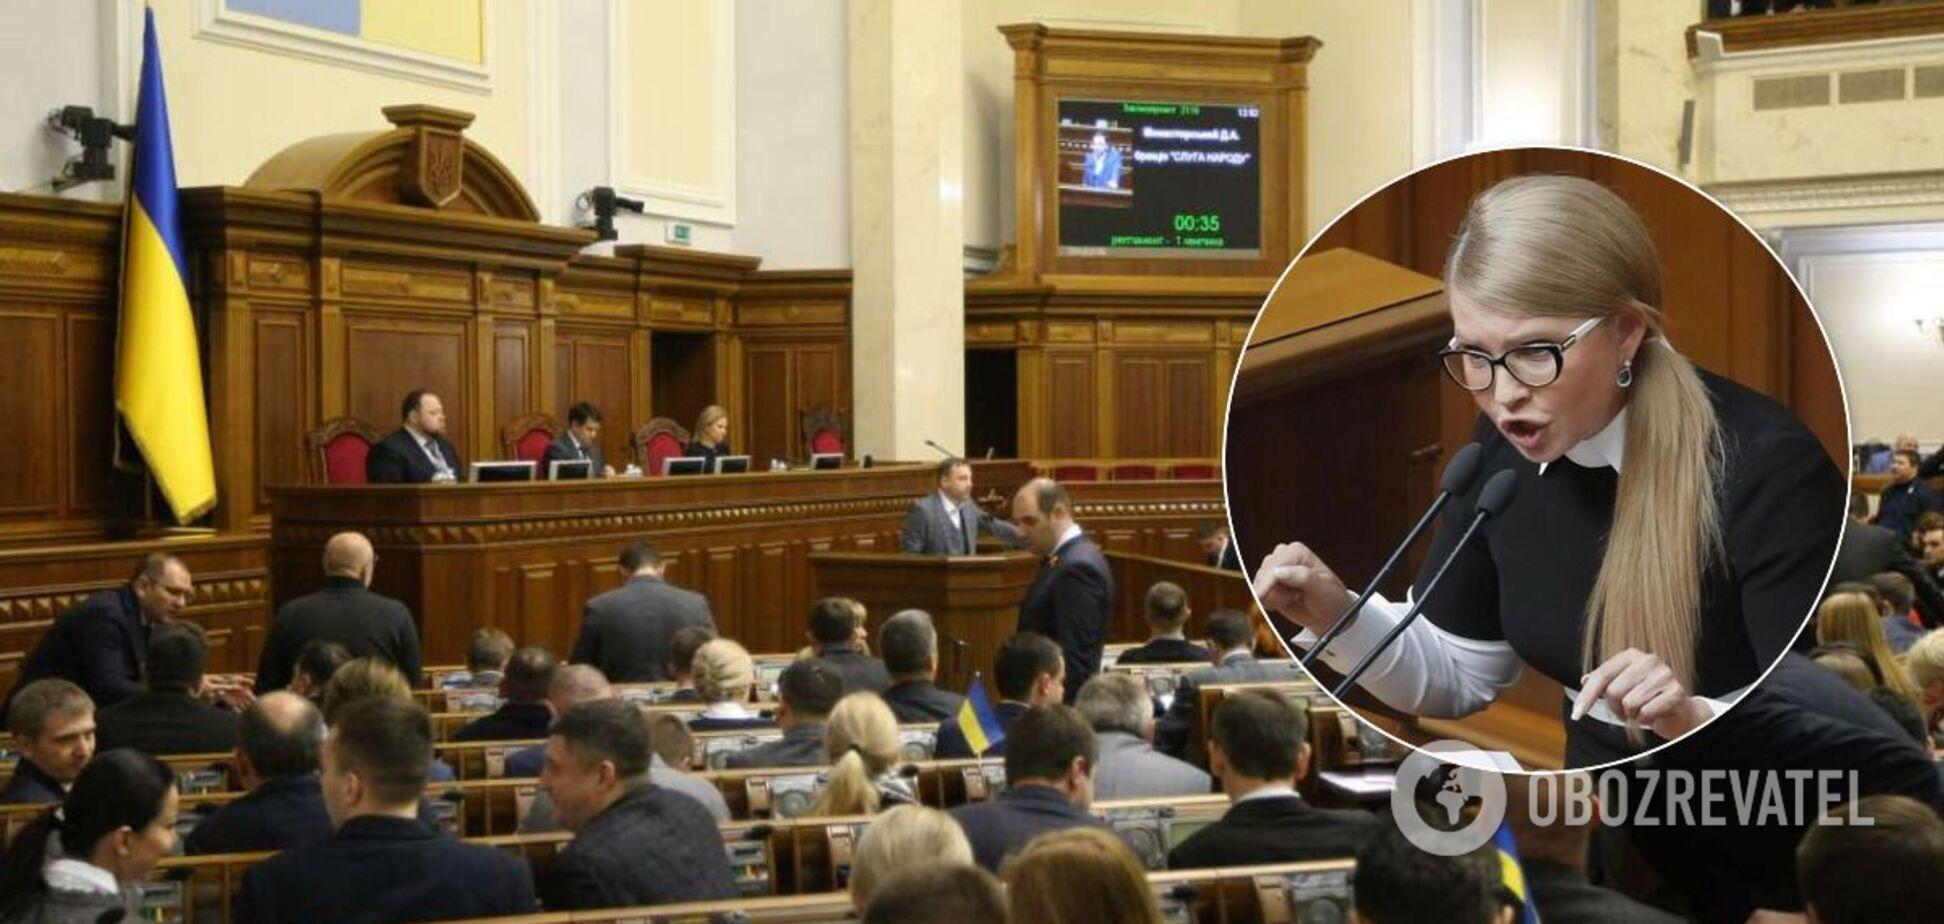 Лещенко заявил о сговоре Медведчука и Тимошенко